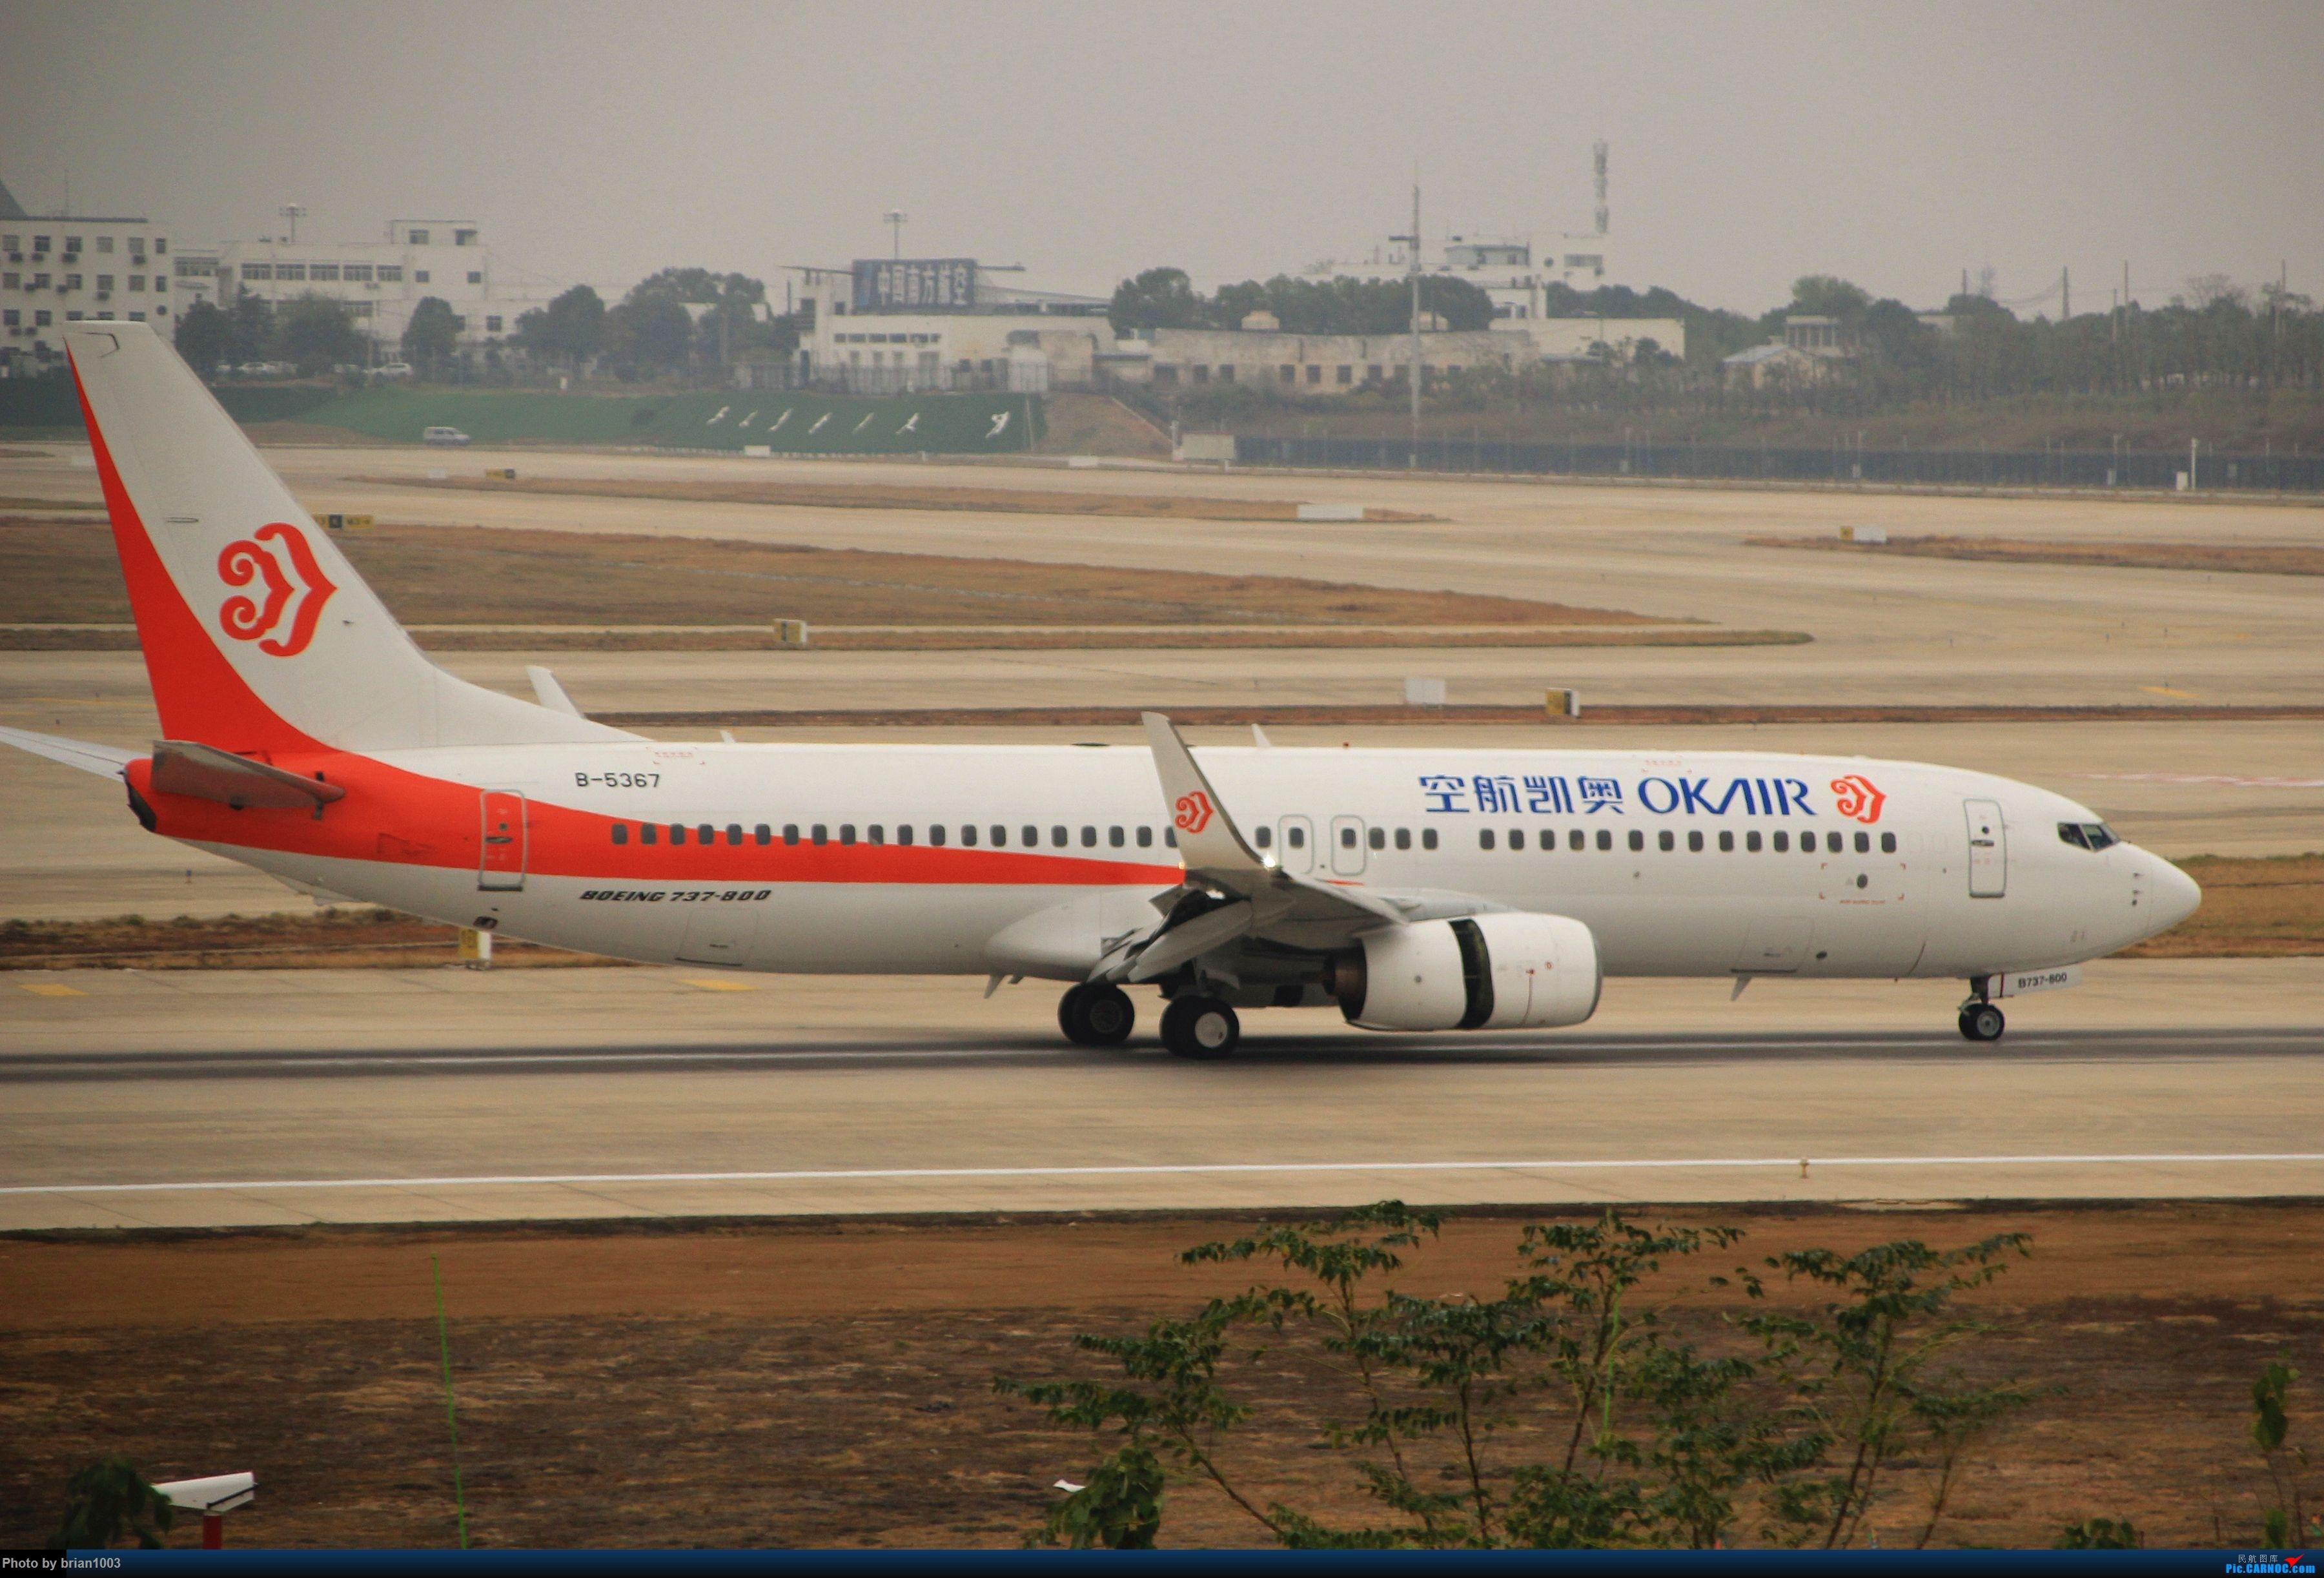 Re:[原创]WUH武汉天河机场拍机之精彩满满的十月(还可能更新) BOEING 737-800 B-5367 中国武汉天河国际机场